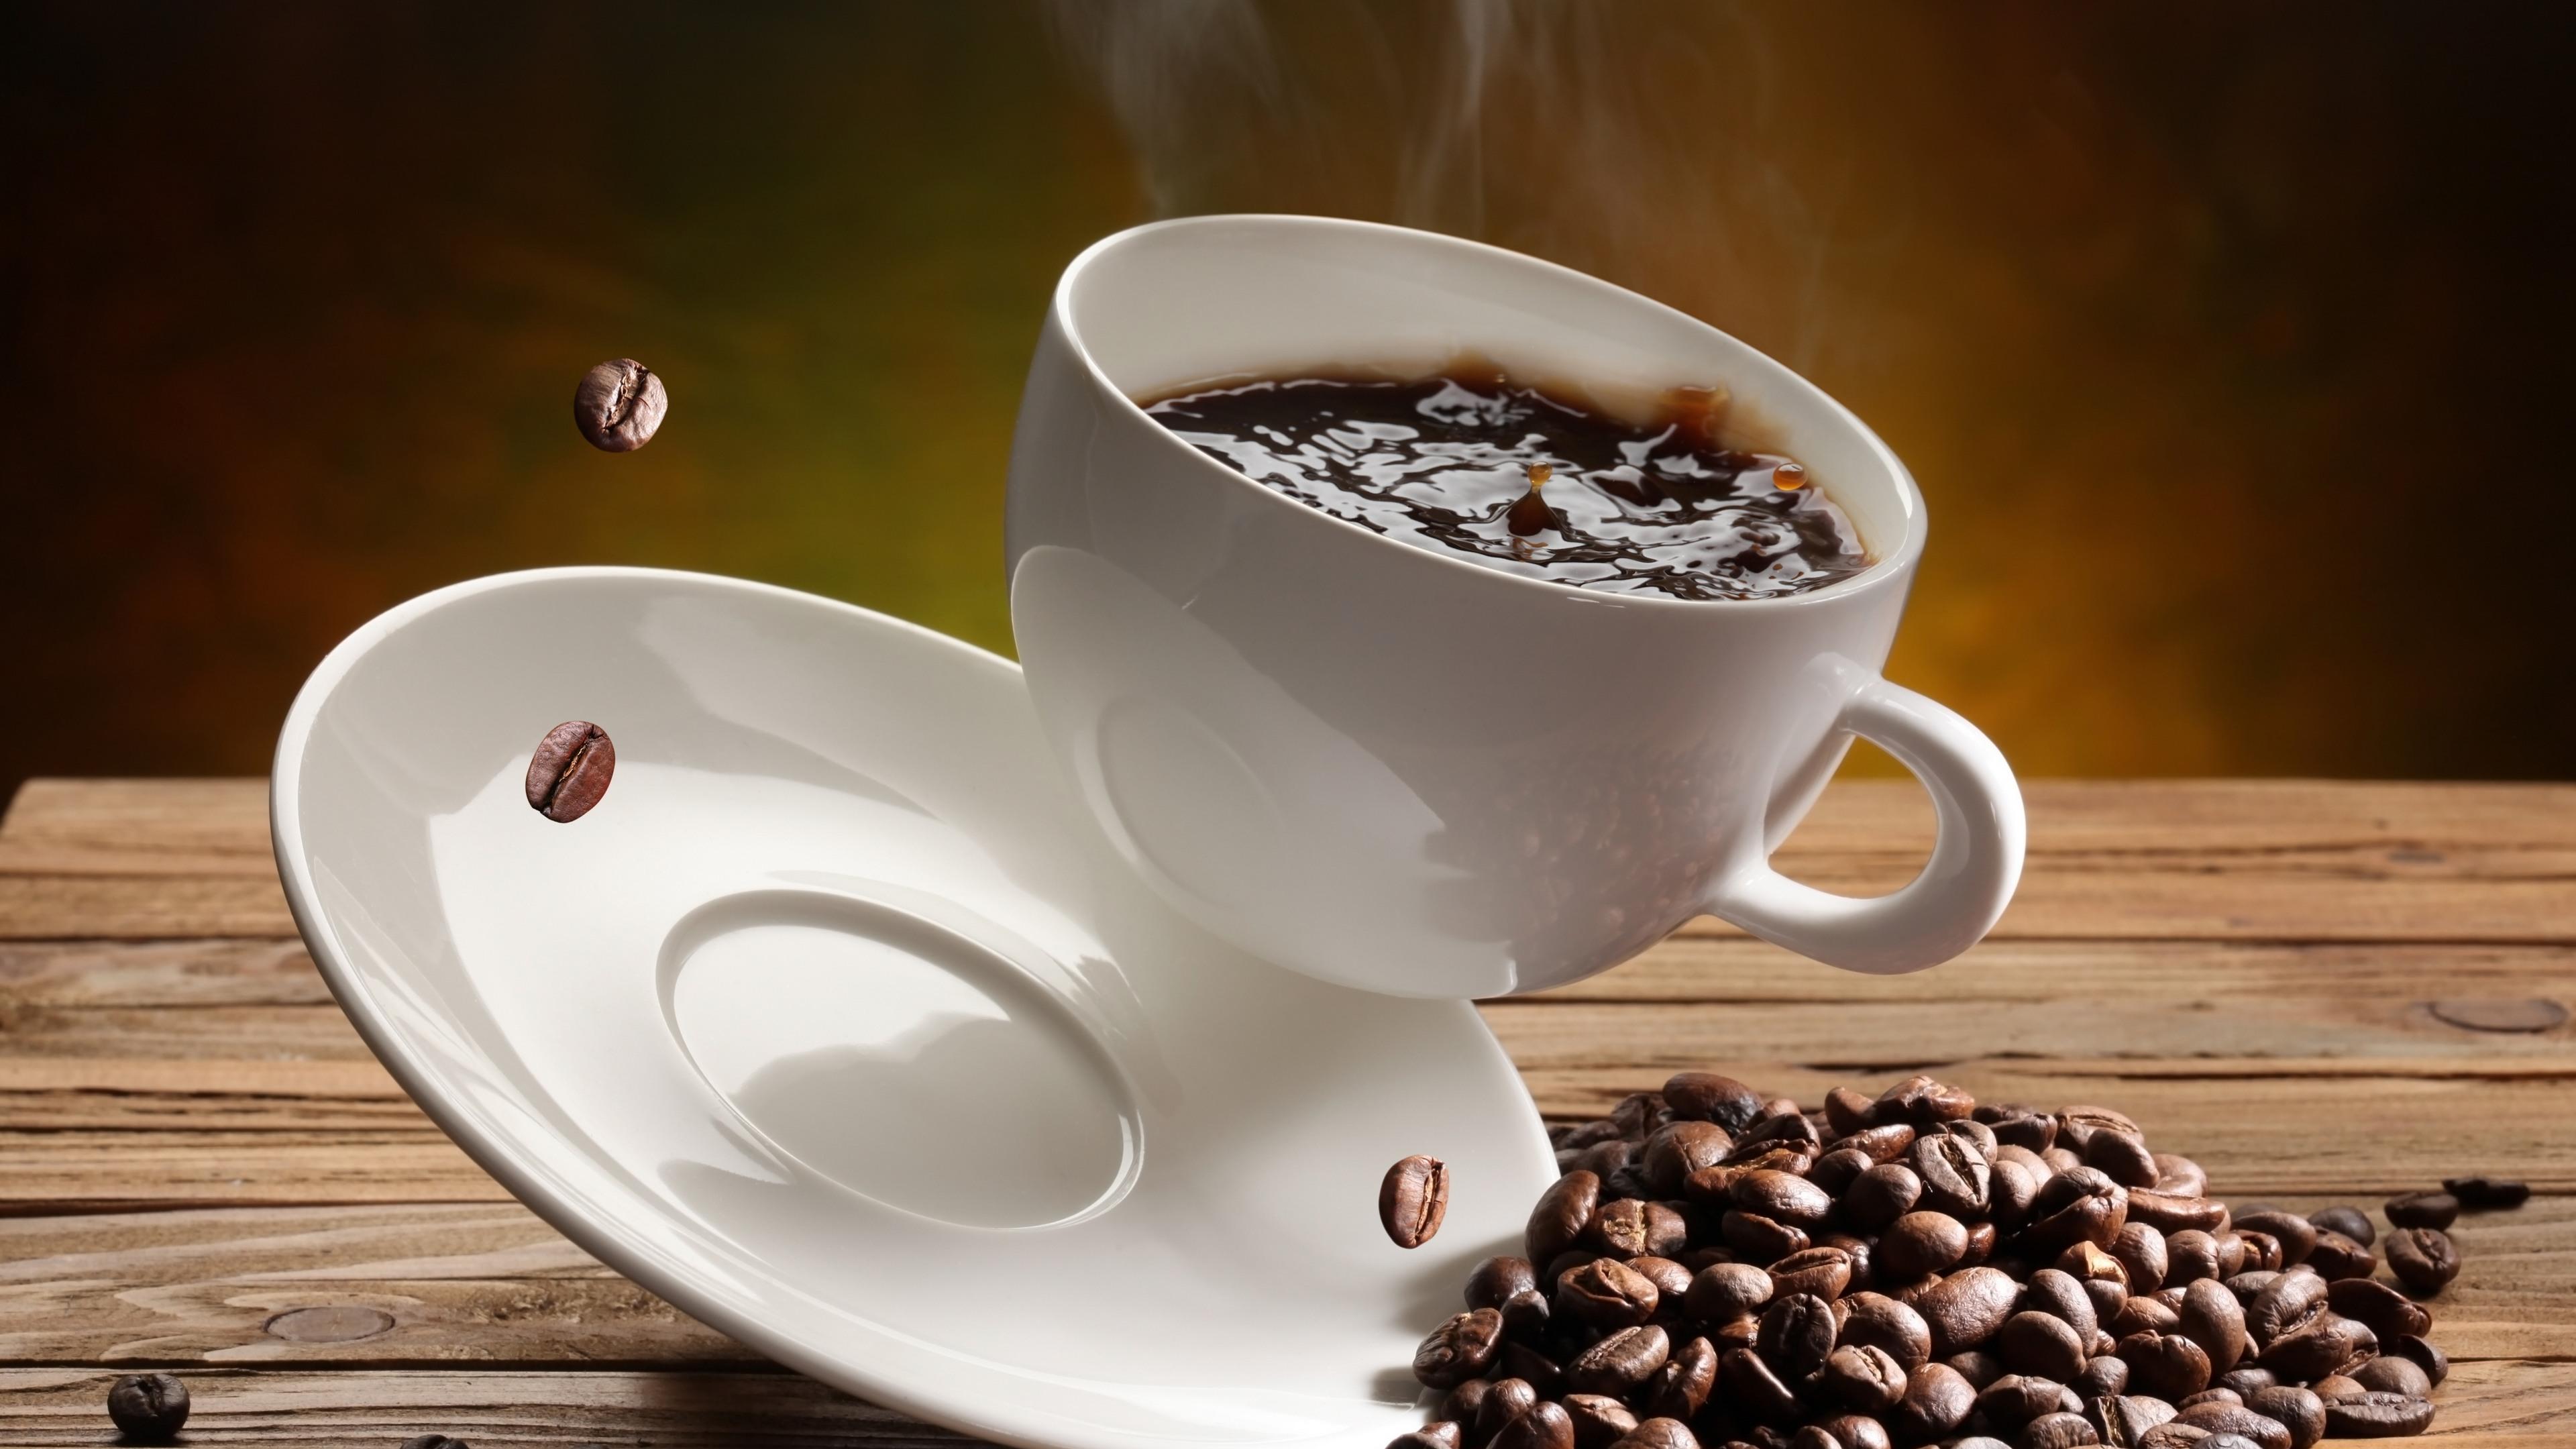 красивая картинка кофейной чашки все вампиры, она